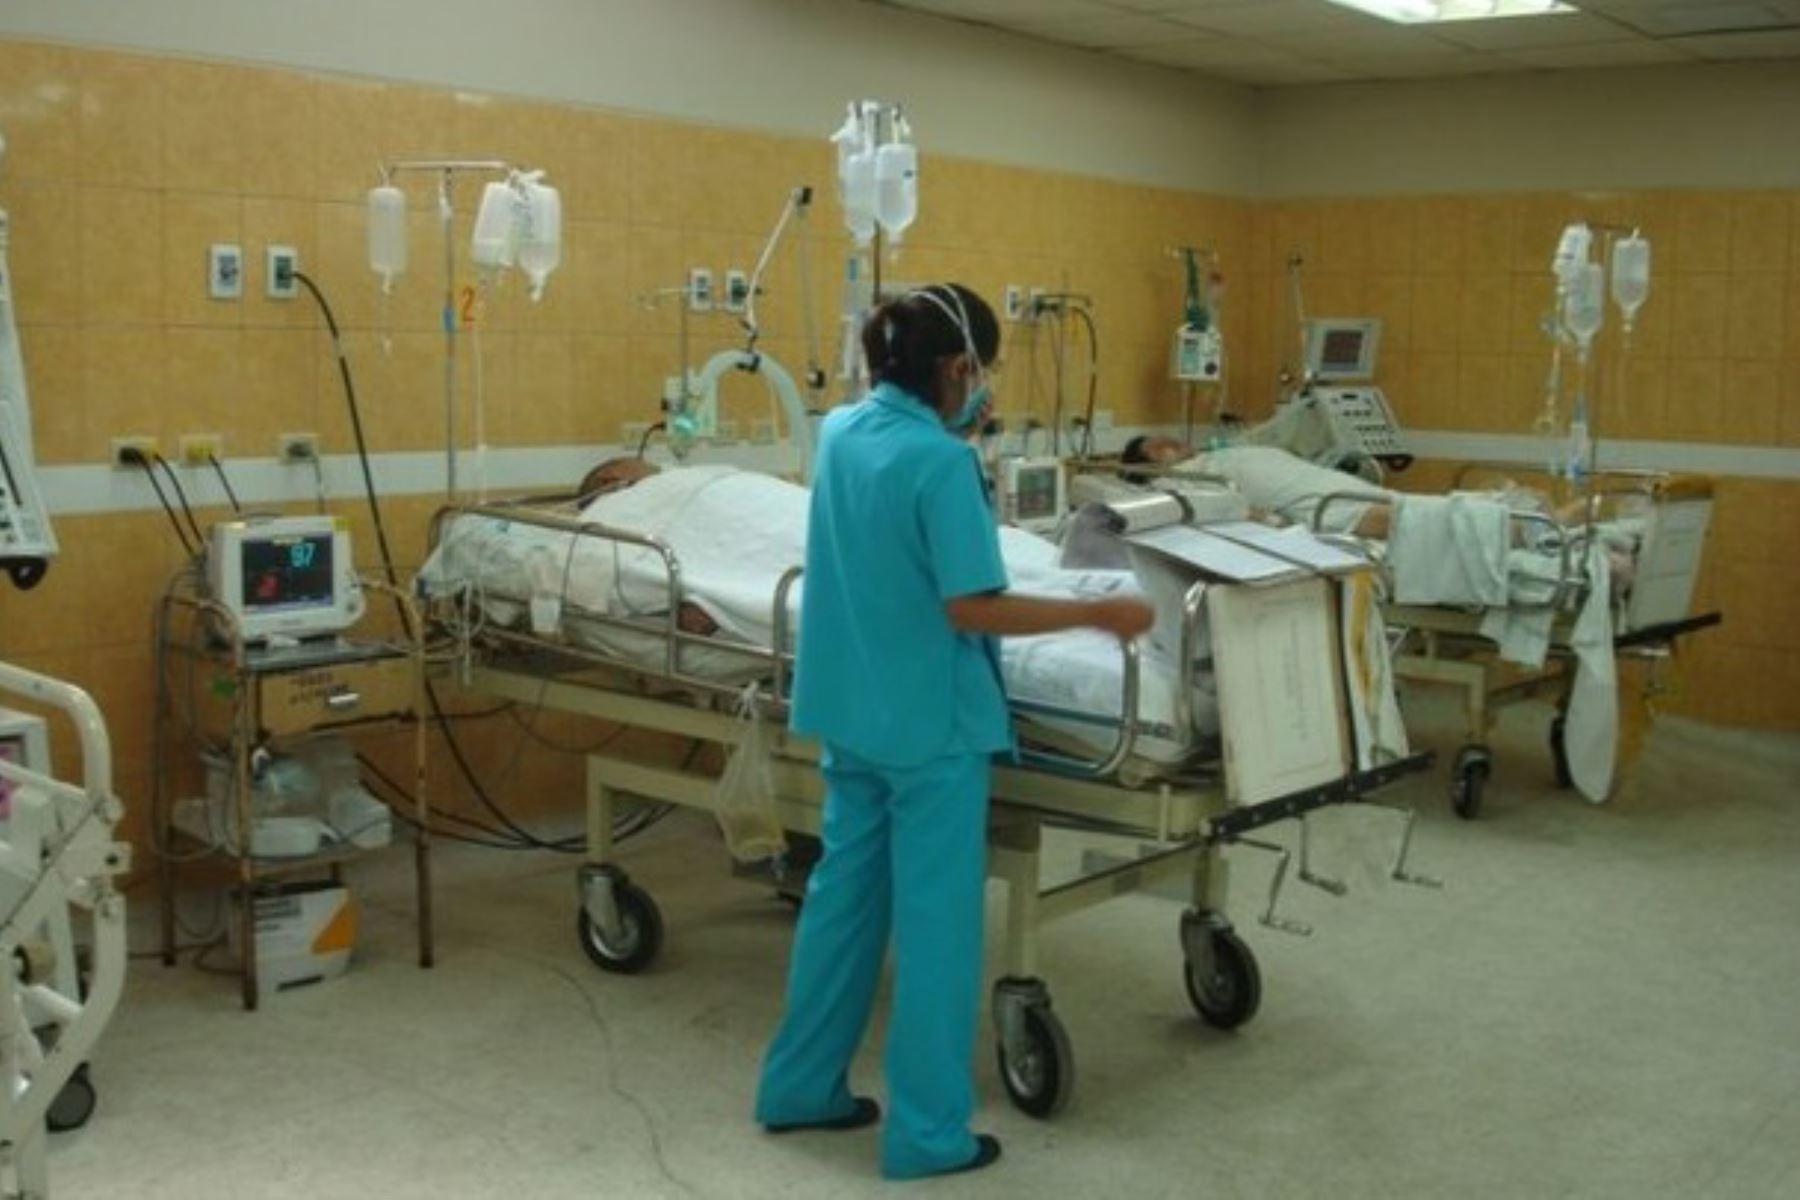 La Dirección Regional de Salud (Diresa) de Ayacucho dio a conocer la identidad de ocho de las diez víctimas fallecidas por intoxicación tras consumir, presuntamente, alimentos en mal estado. De estas personas, siete son adultos y un menor de edad.